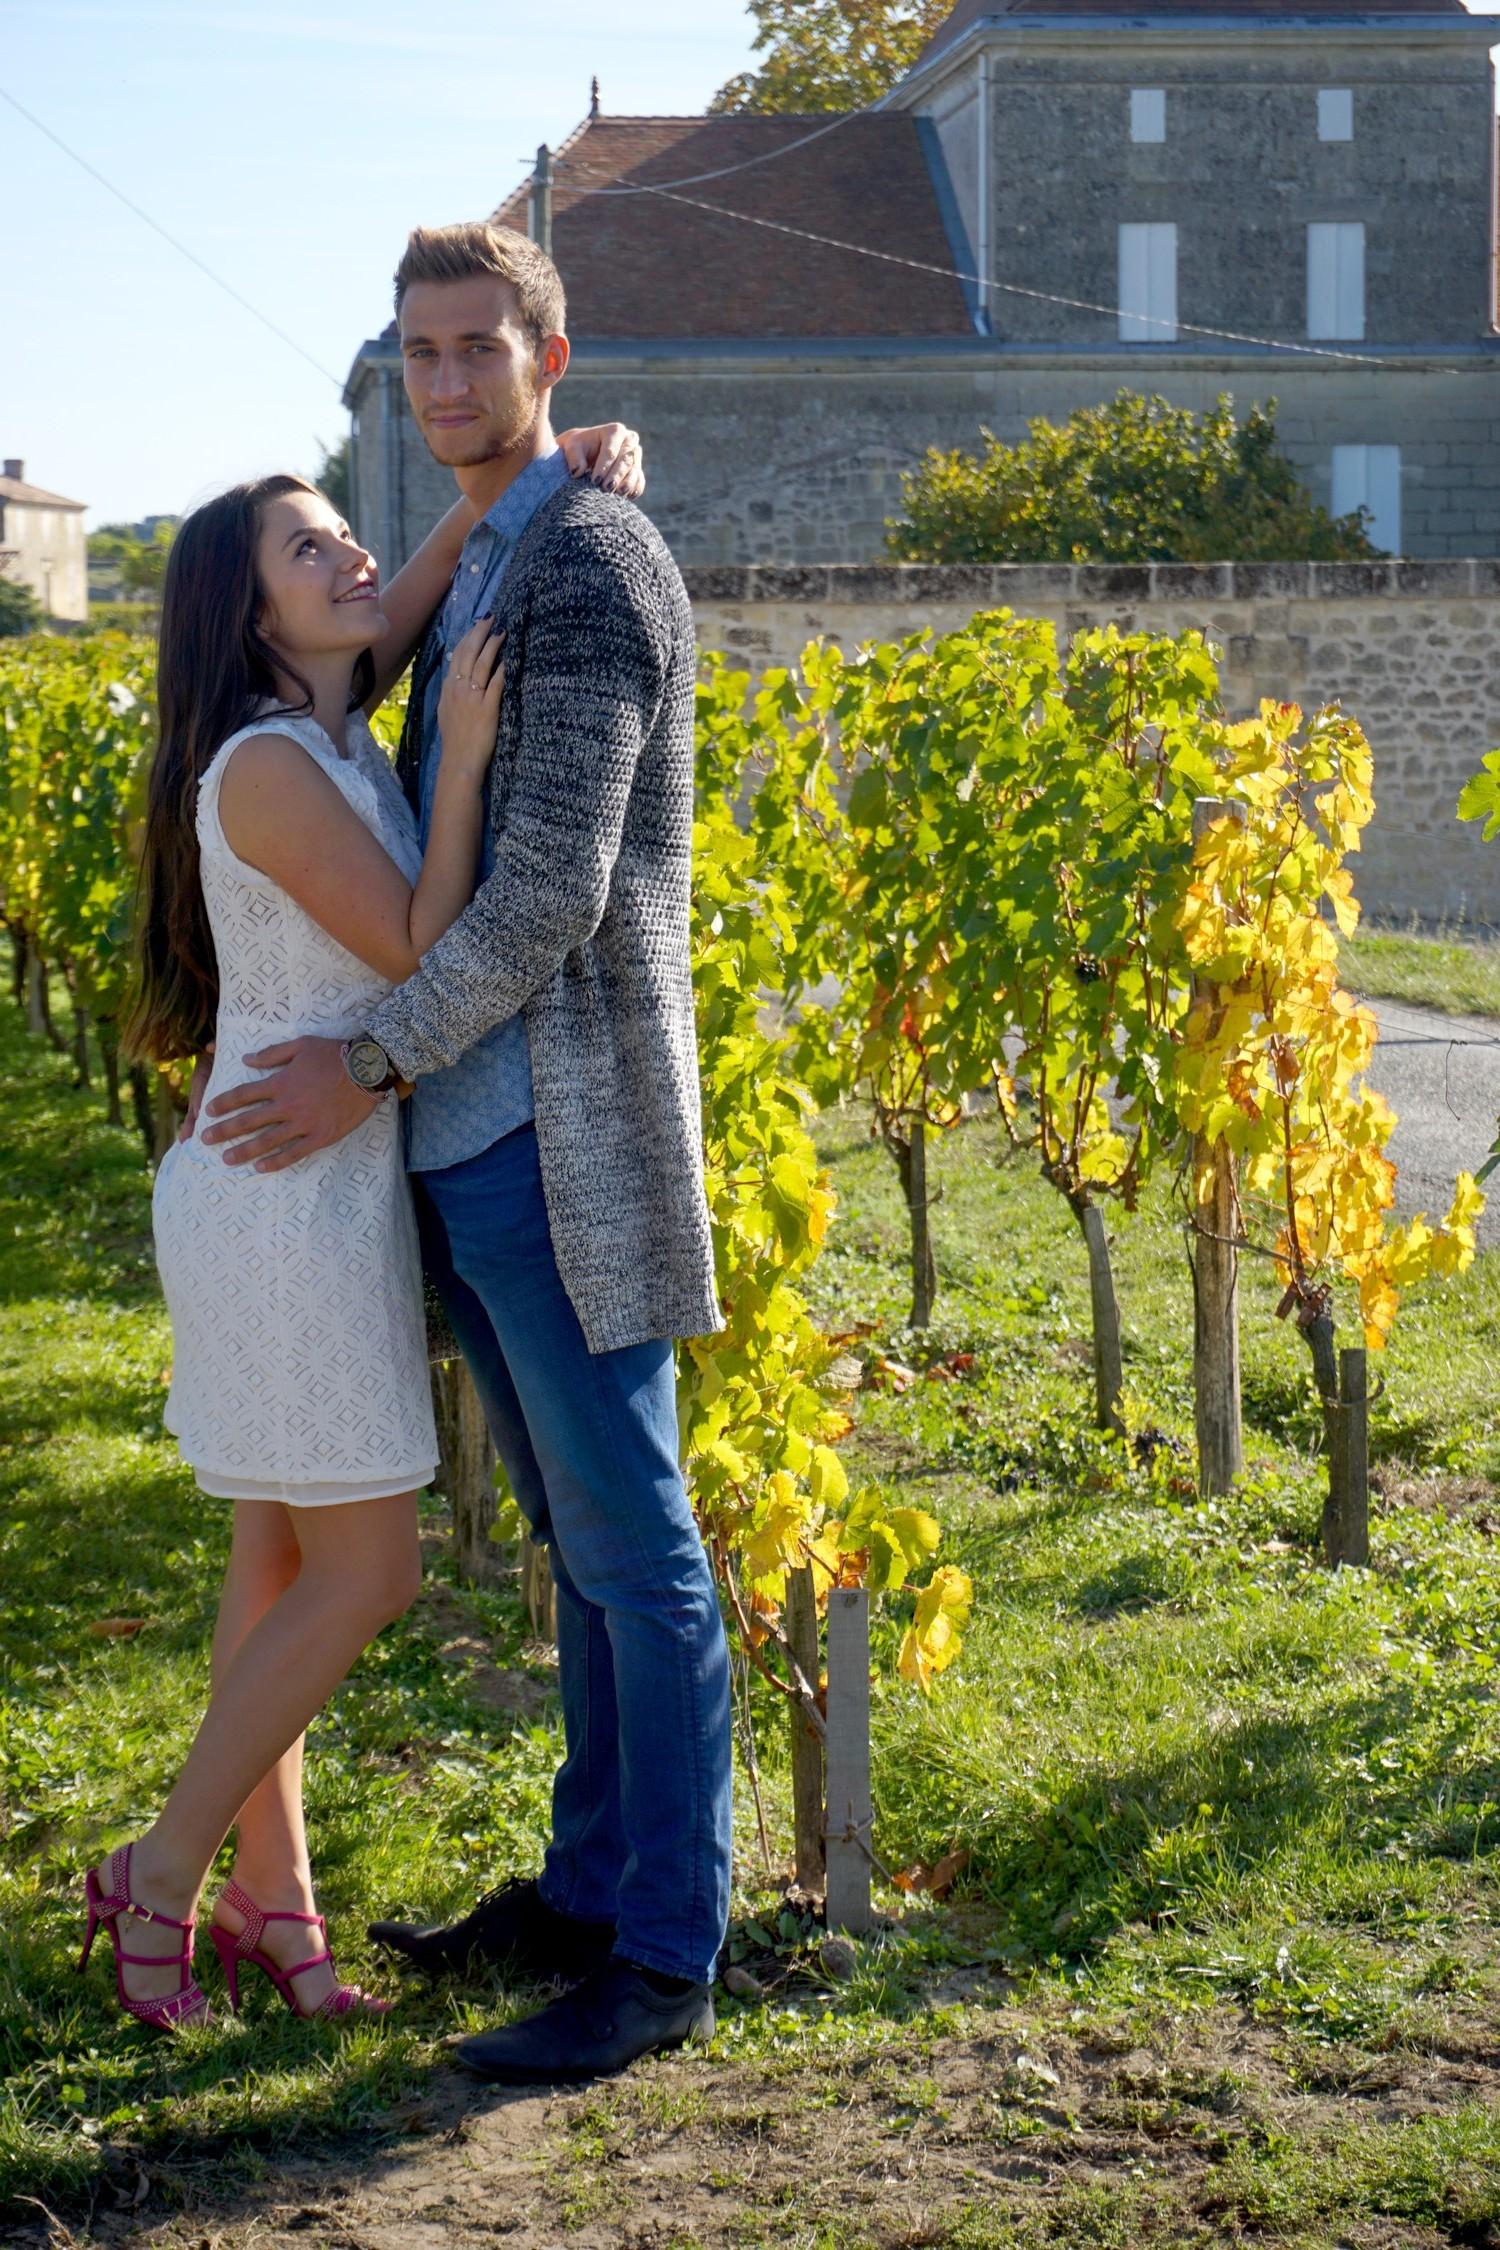 1-an-du-blog-en-couple-bordeaux-corse-blog-voyage-lifestyle-mode-look-shooting-photo-couple-vigne-12